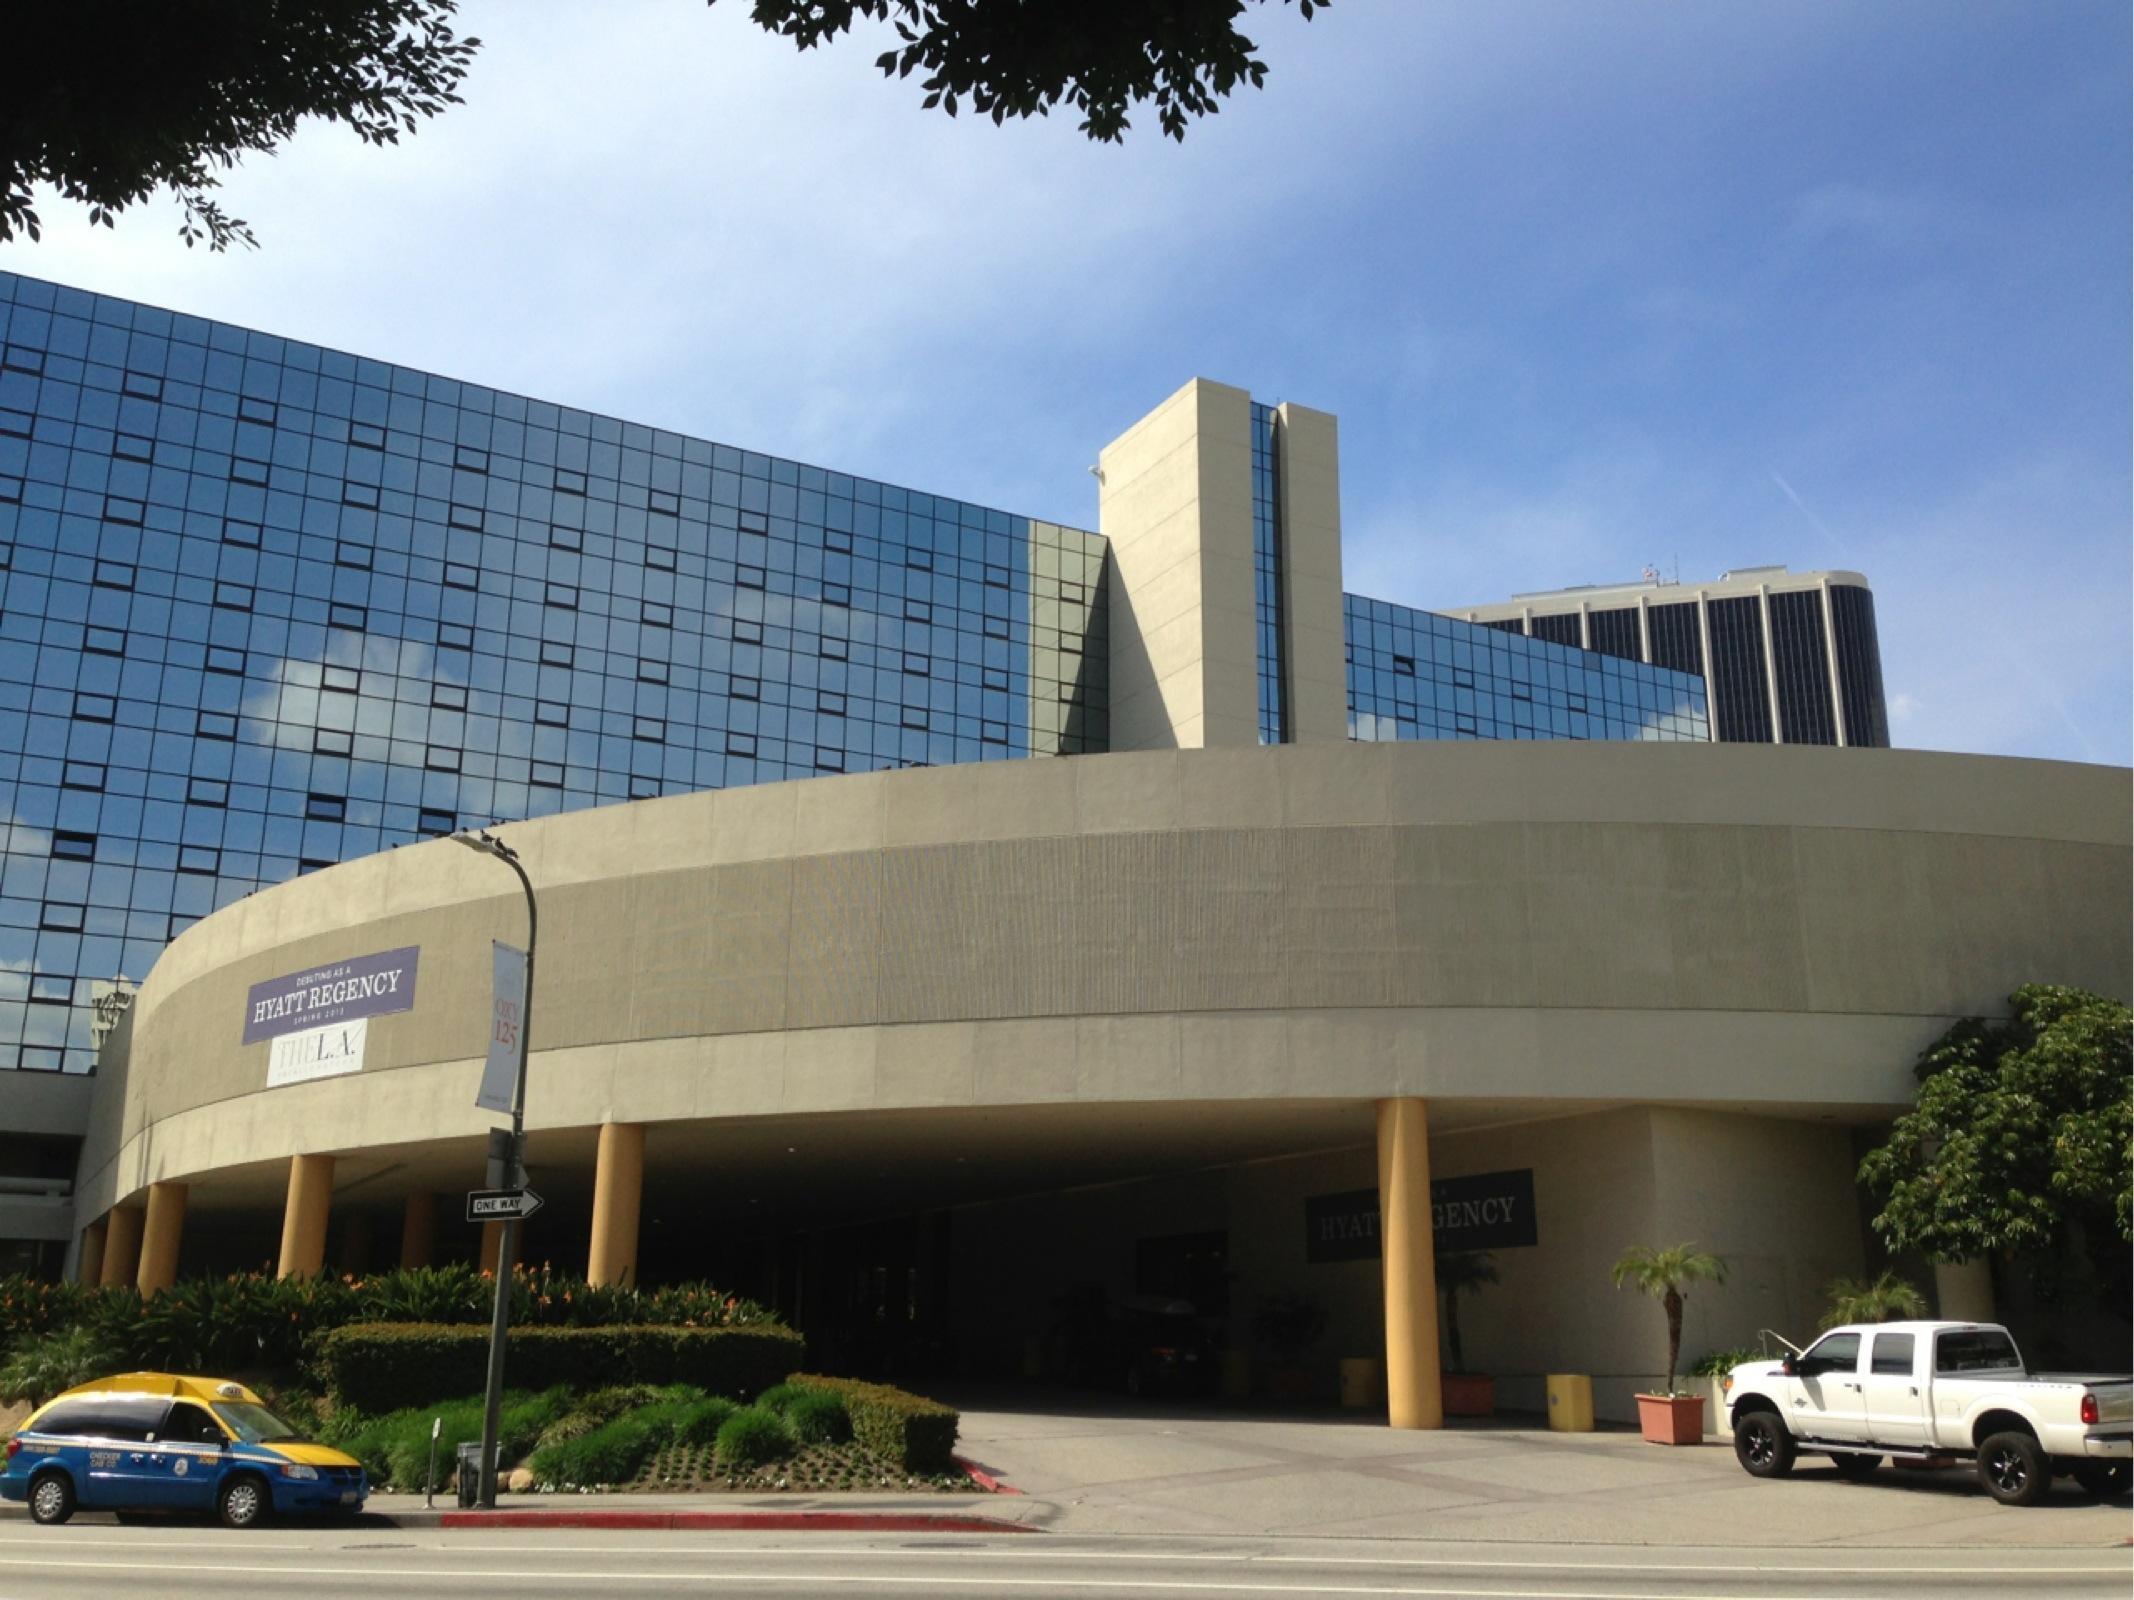 The La Hotel Downtown Parkplatz In Los Angeles Parkme